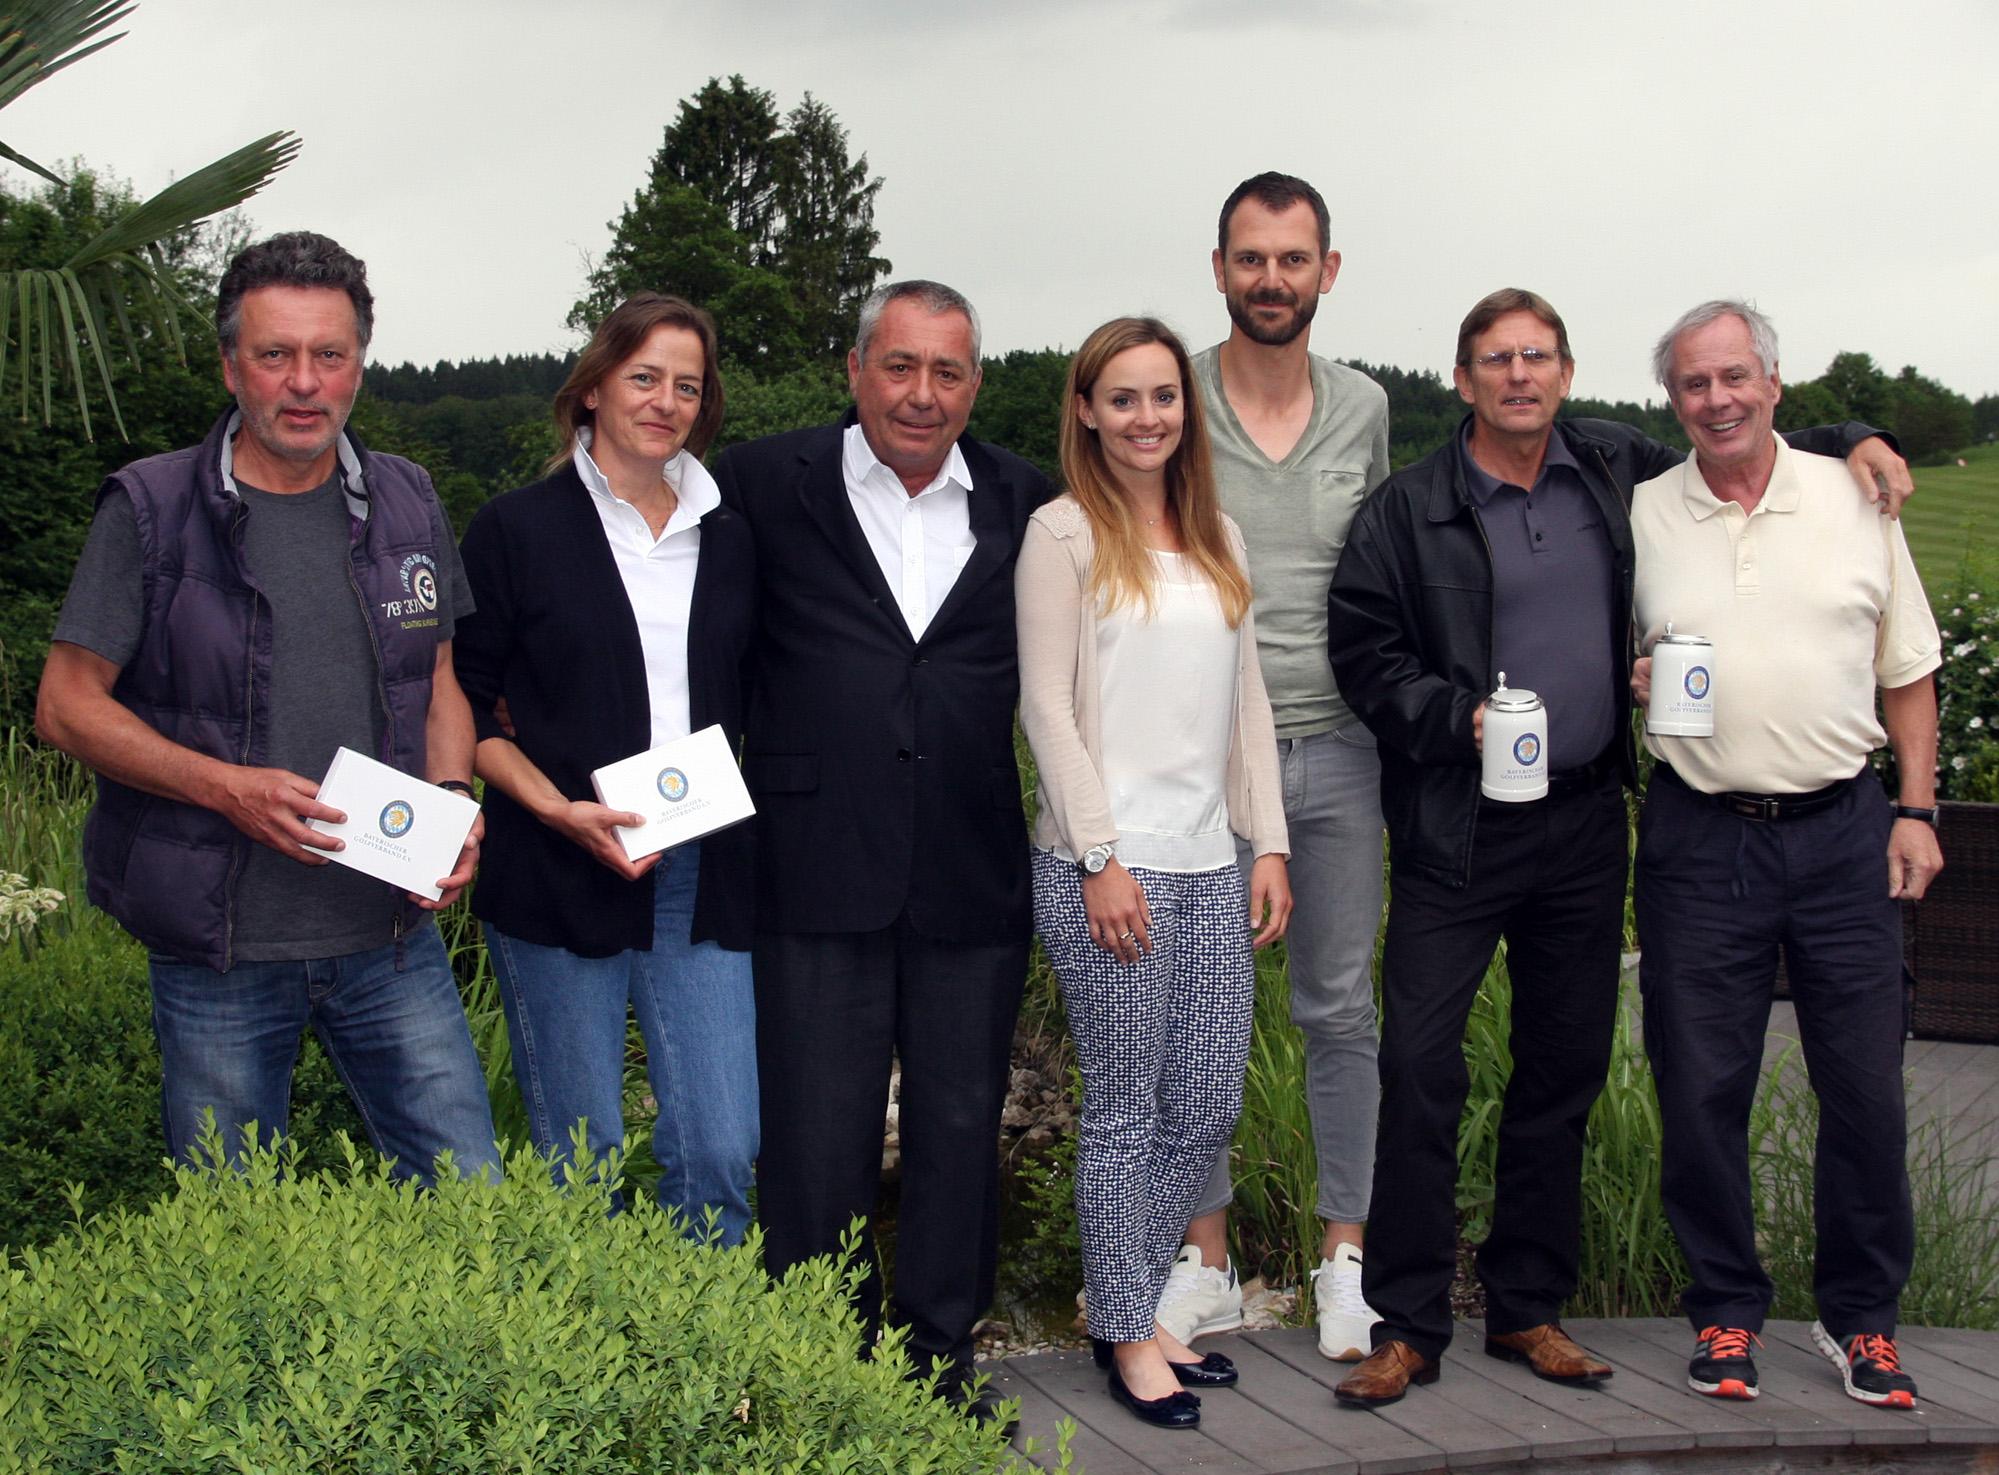 Siegerfoto, von links: Herbert Steffe, Britta Semmler-Dzösch, Dr. Werner Pröbstl, Patricia Heinlein, Jochen Münch, Ralf Scheuerer, Dr. Hannes Niggenaber. Foto: Horst Hube